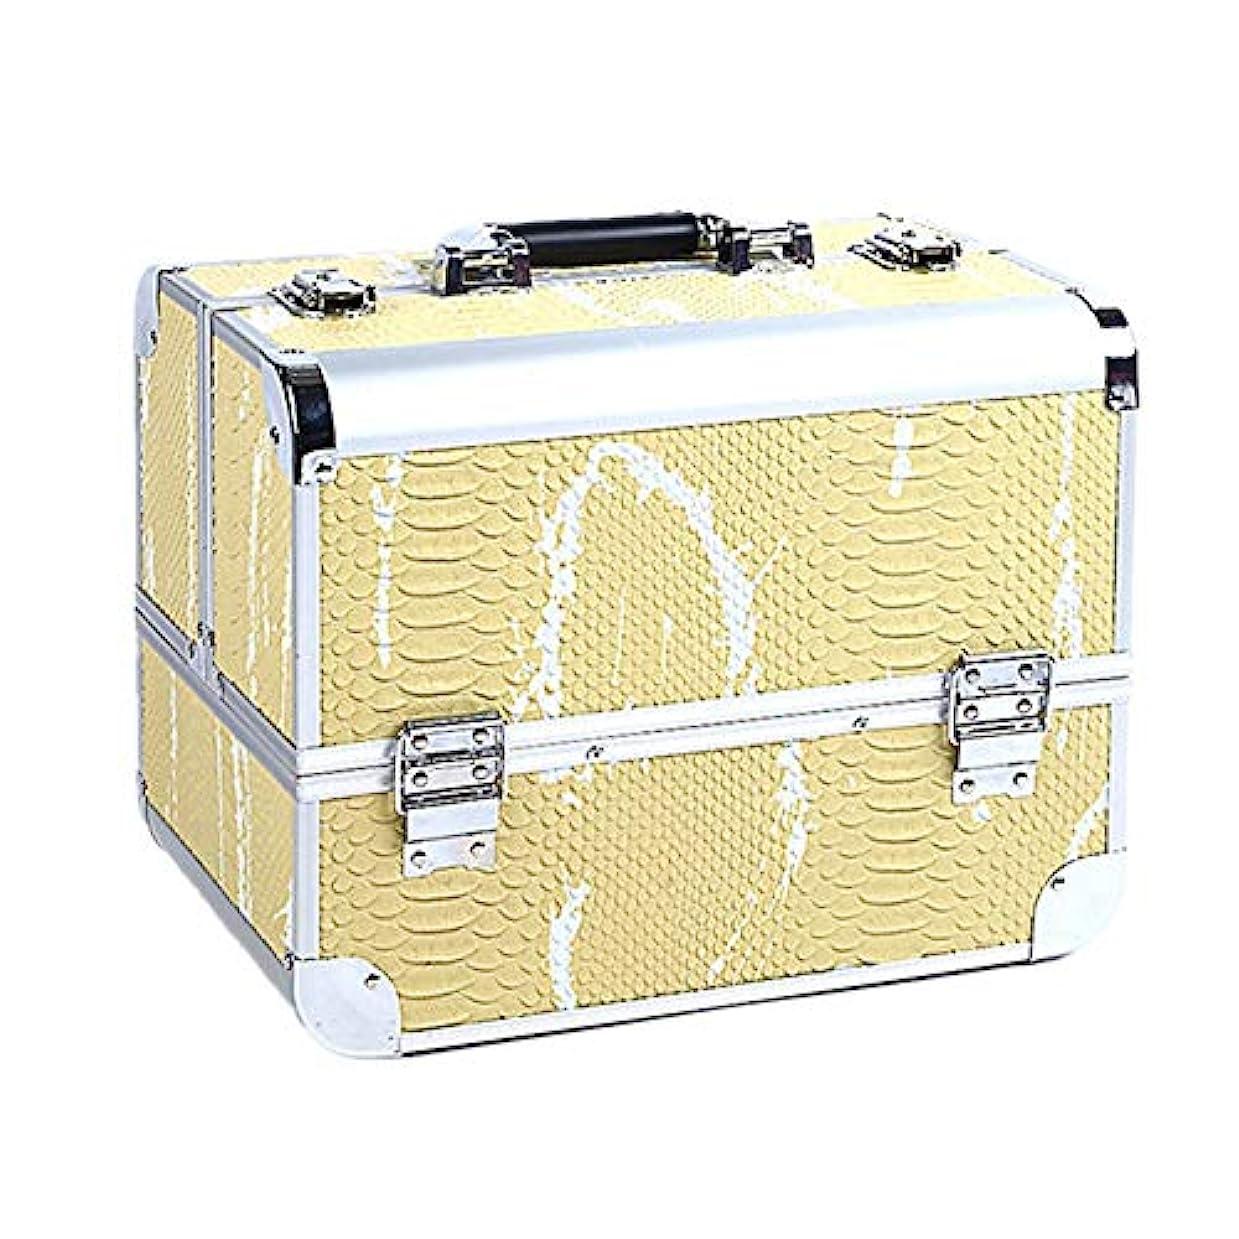 ロッド貞放射する化粧オーガナイザーバッグ 大容量ポータブル化粧品ケース用トラベルアクセサリーシャンプーボディウォッシュパーソナルアイテムストレージロックと拡張トレイ 化粧品ケース